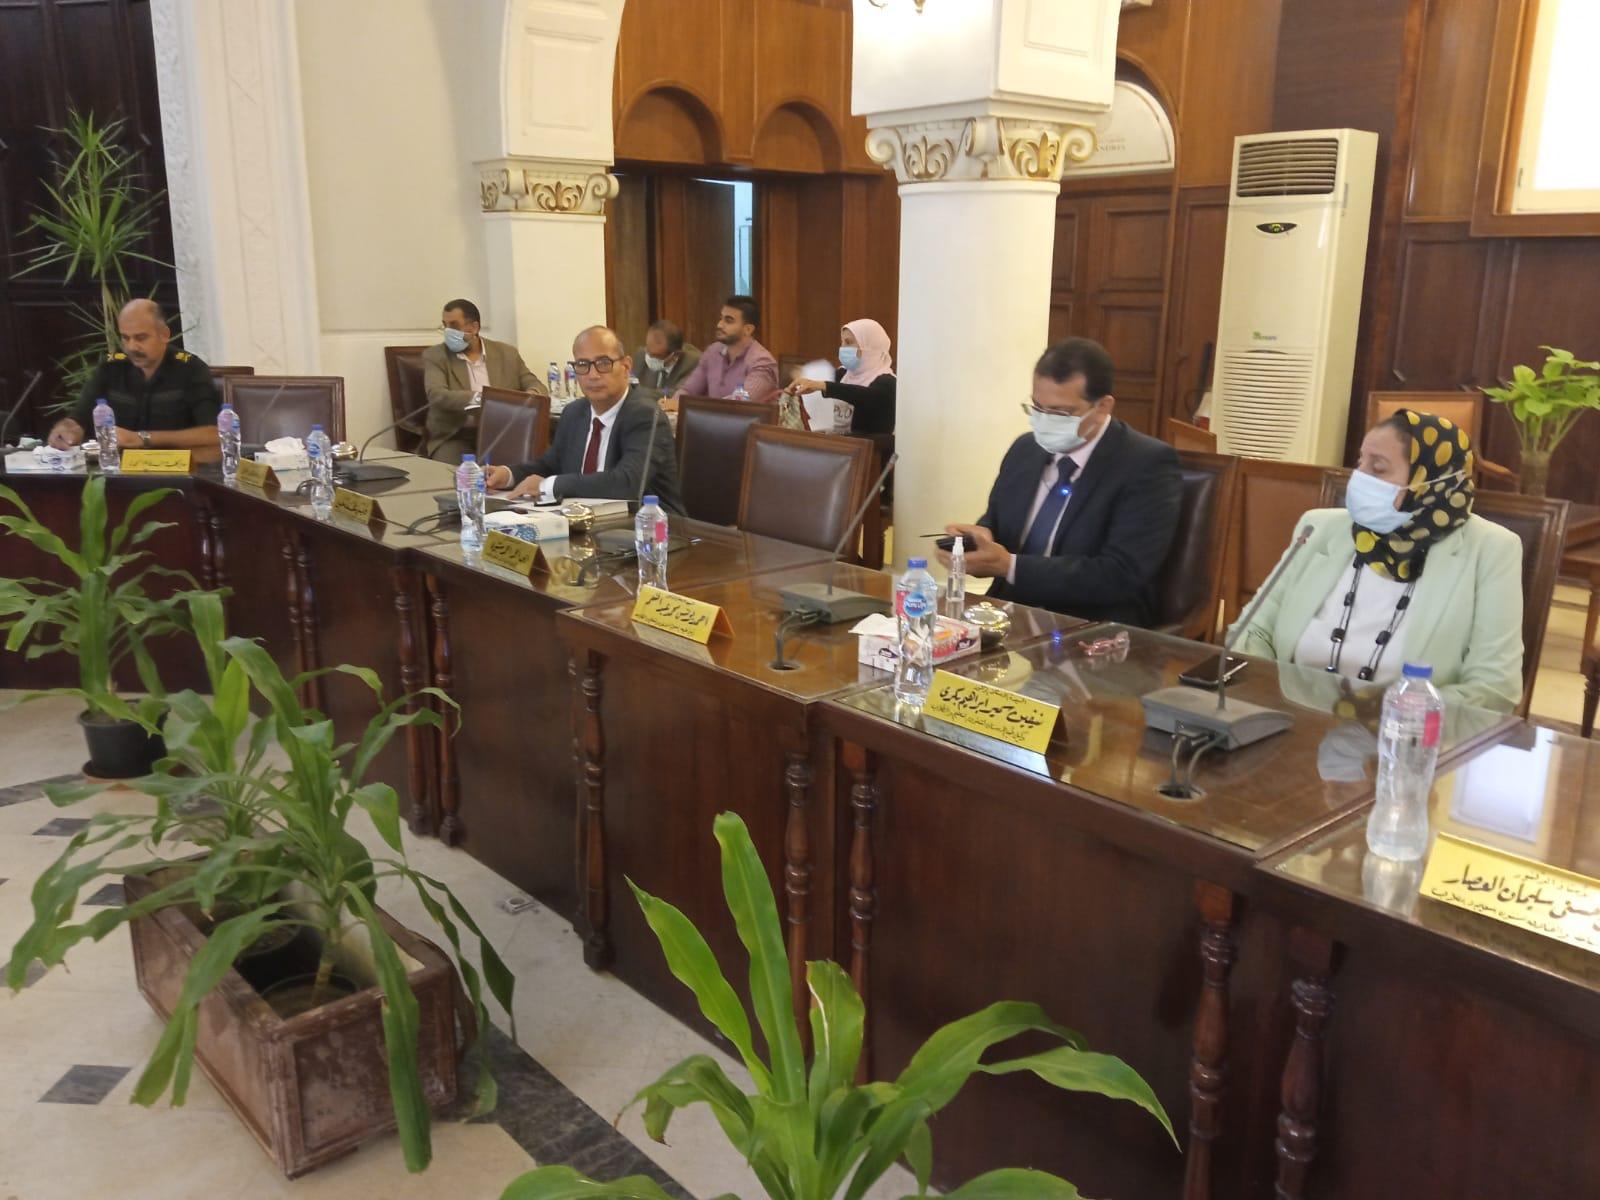 مجلس شئون التعليم والطلاب بجامعة الإسكندرية يوجه بضرورة تلقى اللقاح فى موعد أقصاه ١٤ نوفمبر القادم